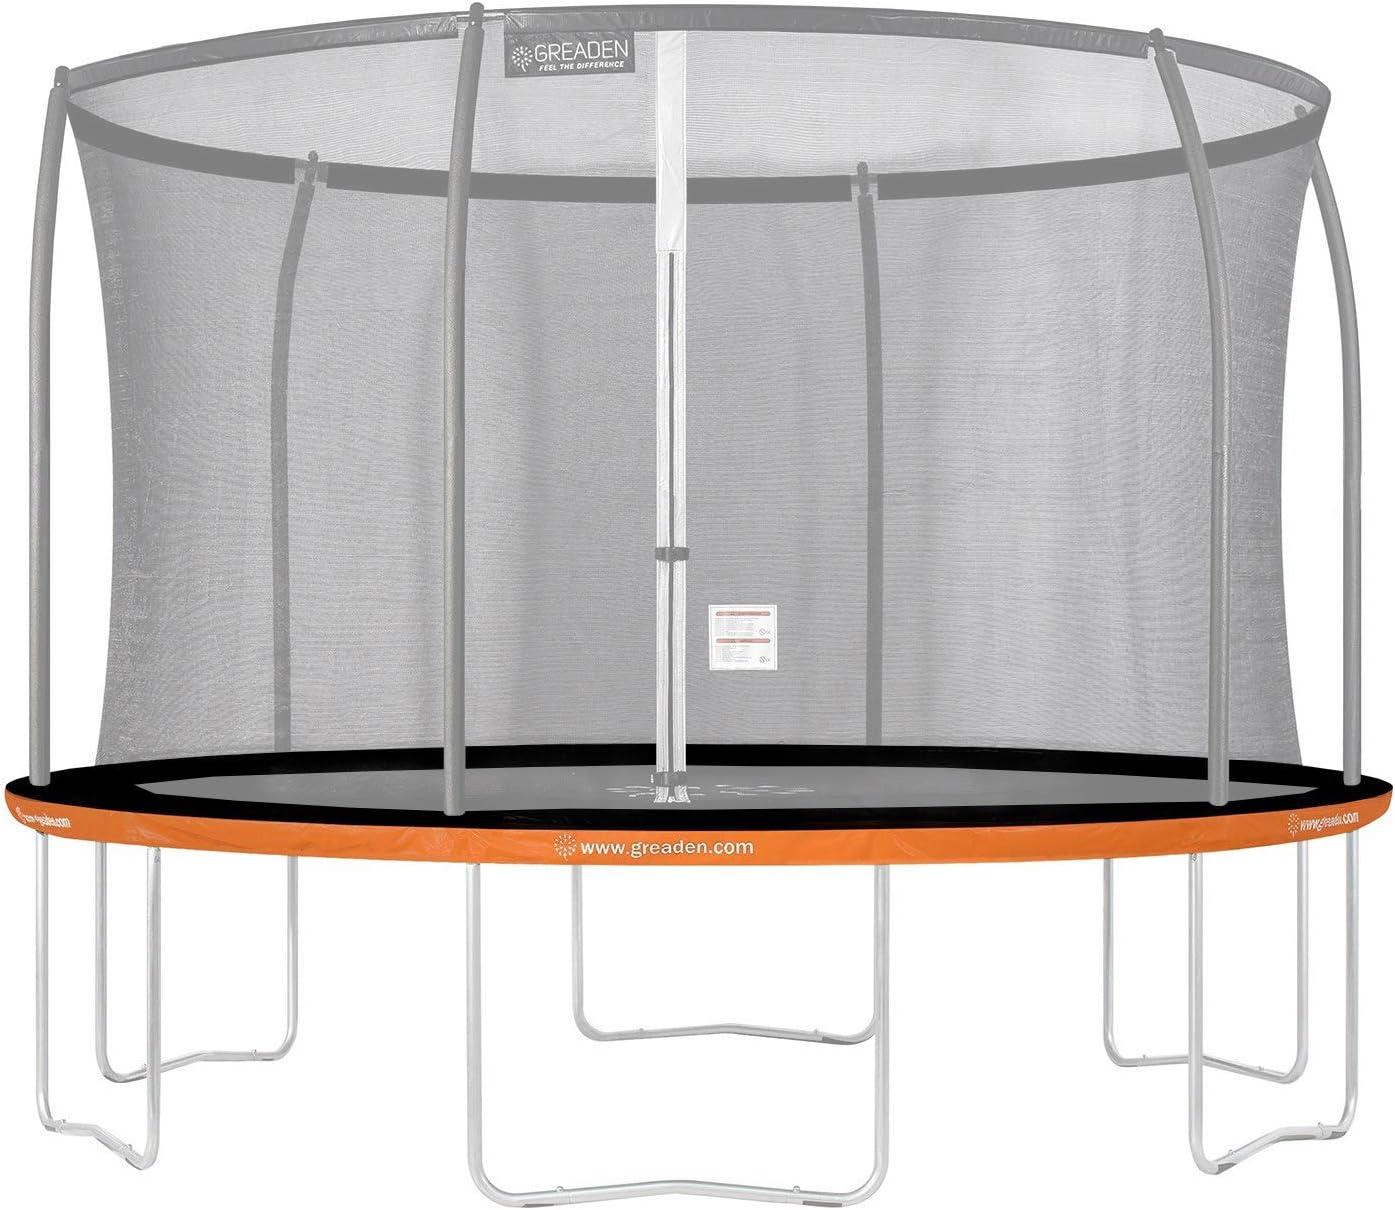 Couverture Rembourrage Greenbay Coussin De Protection de Ressorts pour Trampoline 10 FT /Ø 305cm